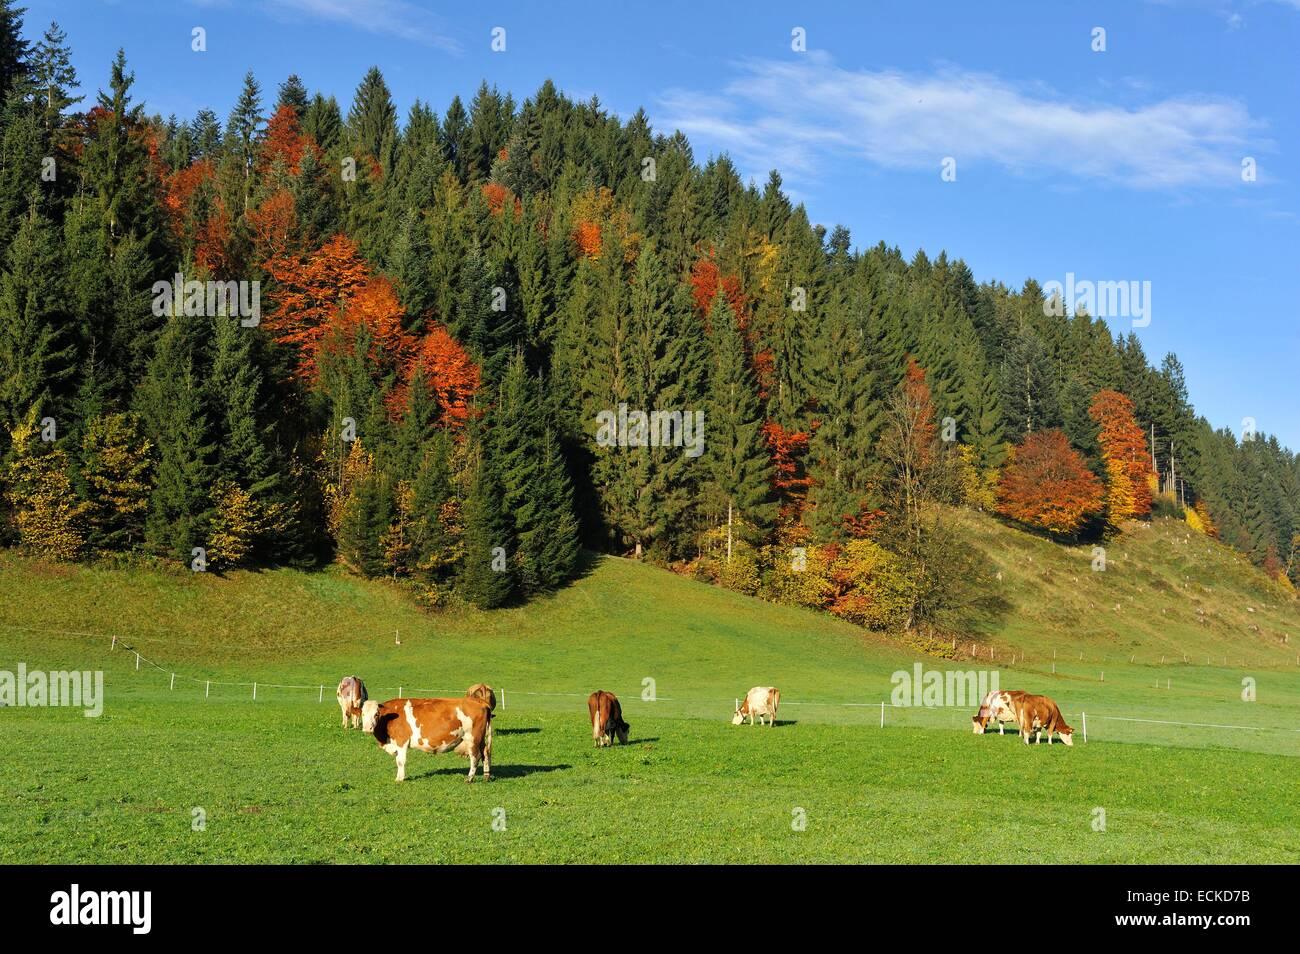 Österreich, Tirol, Oberndorf Im Tirol, Alpine Landschaft Stockbild